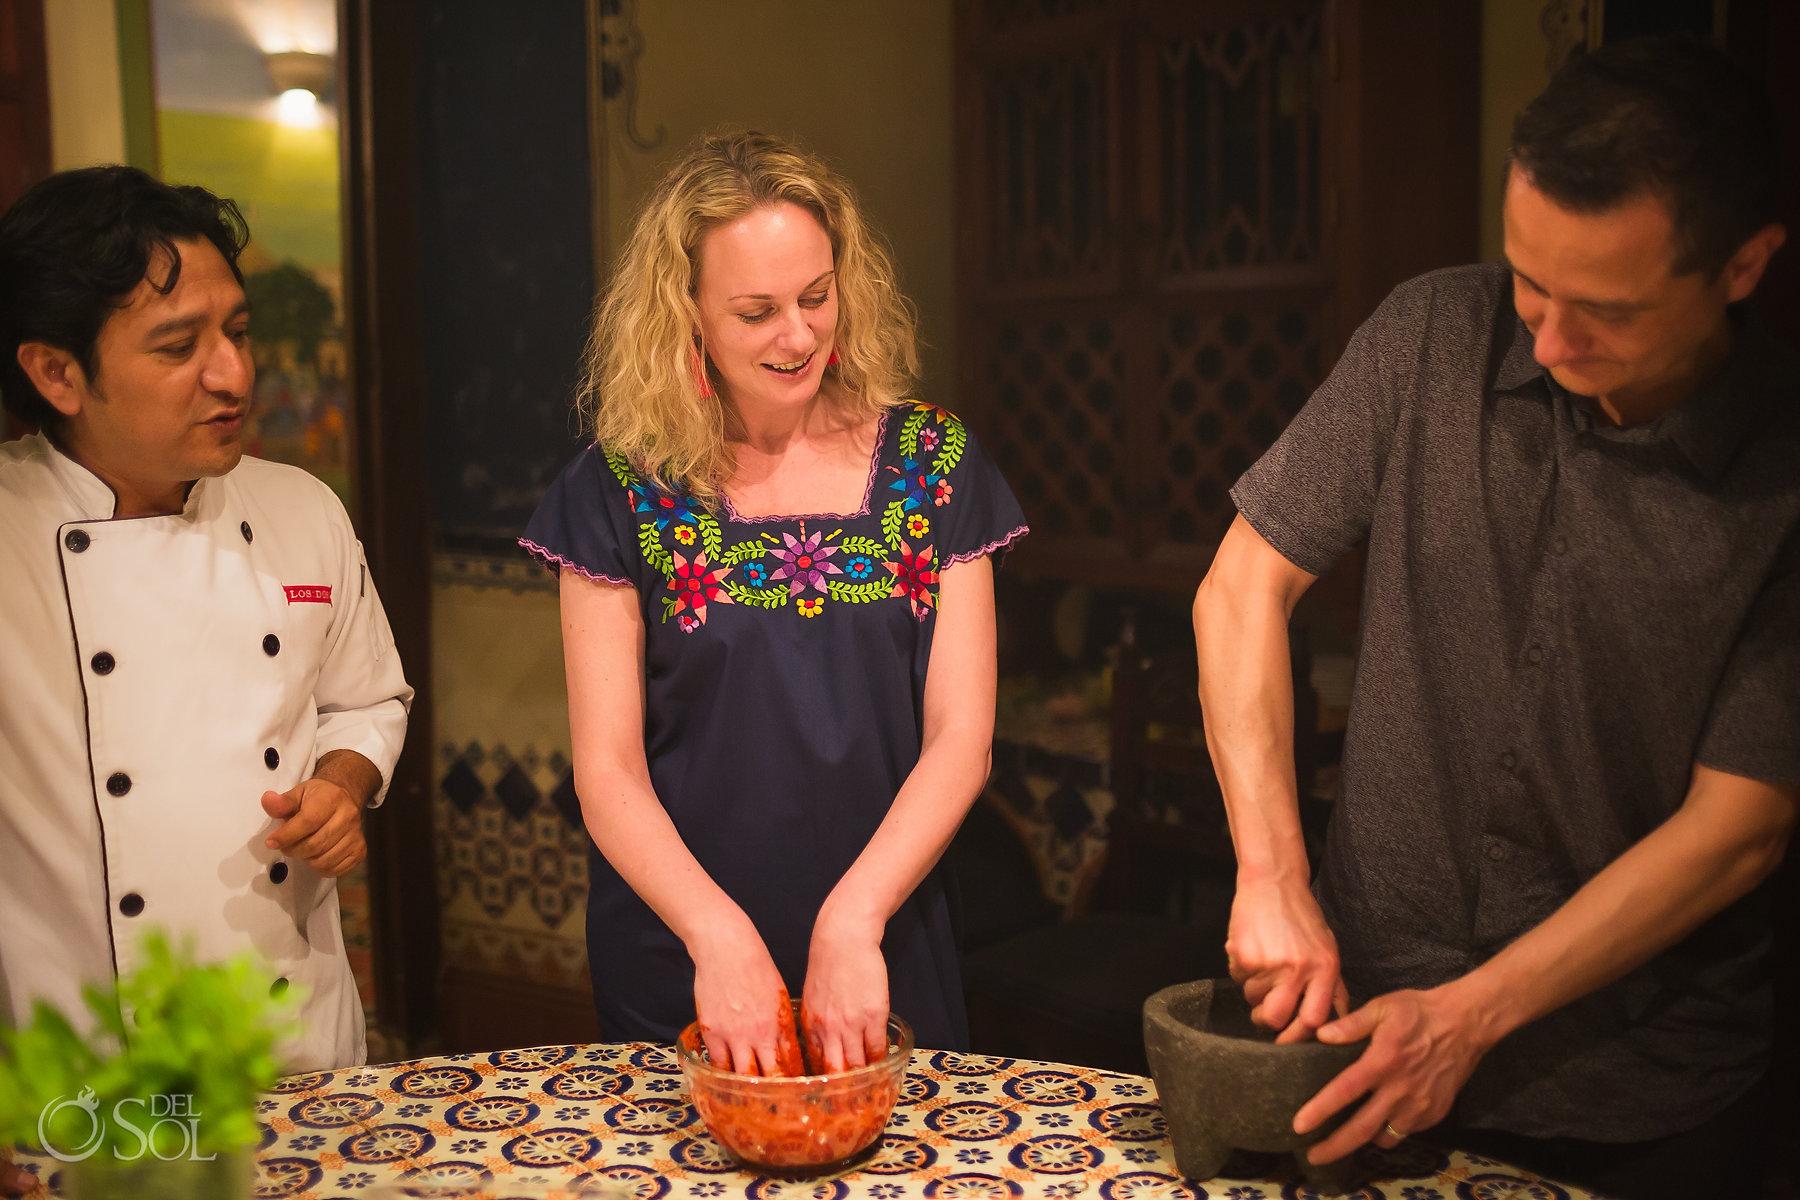 Yucatan Los Dos, Birthday cooking experience